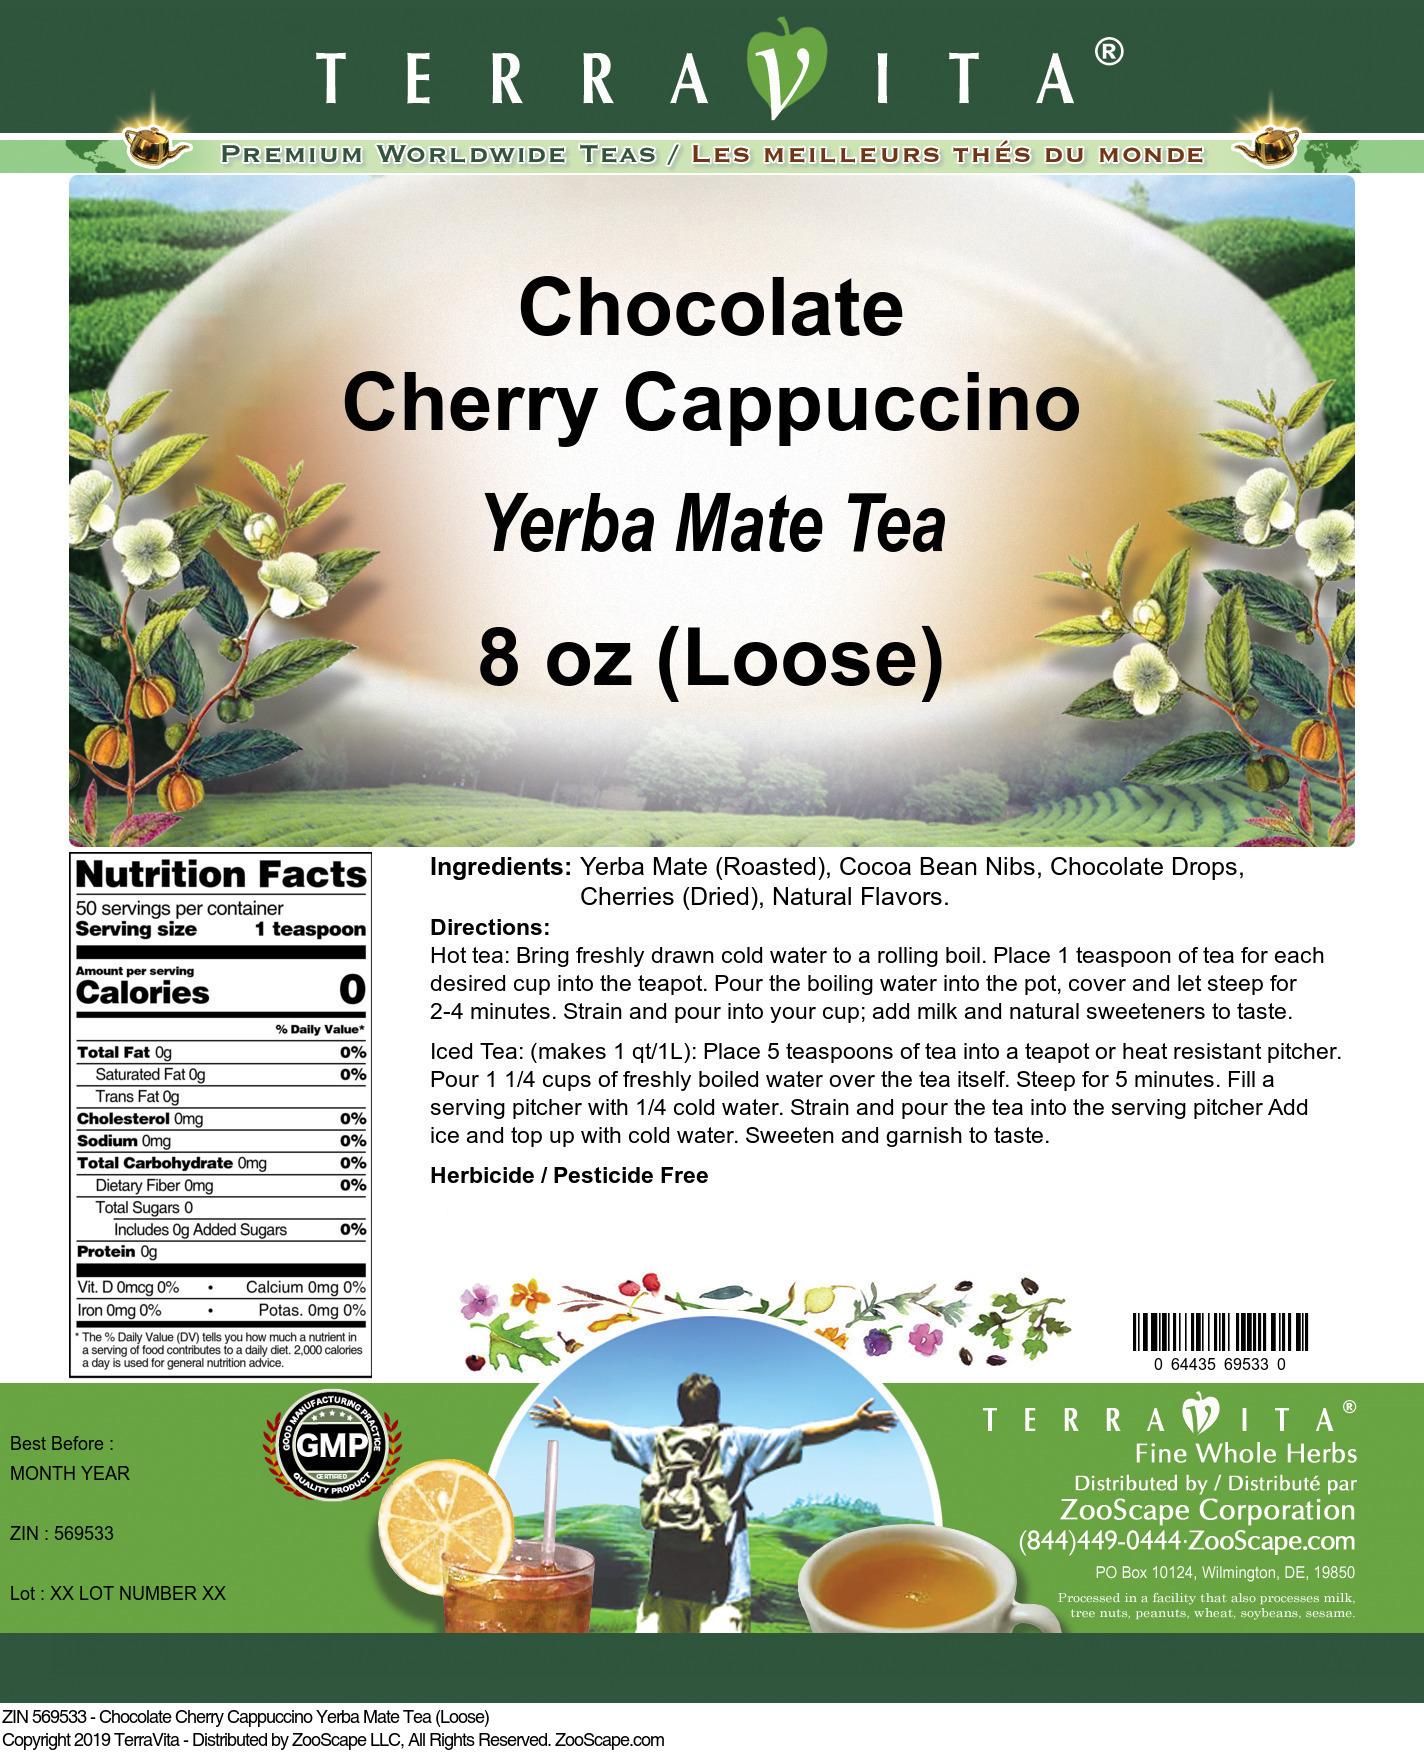 Chocolate Cherry Cappuccino Yerba Mate